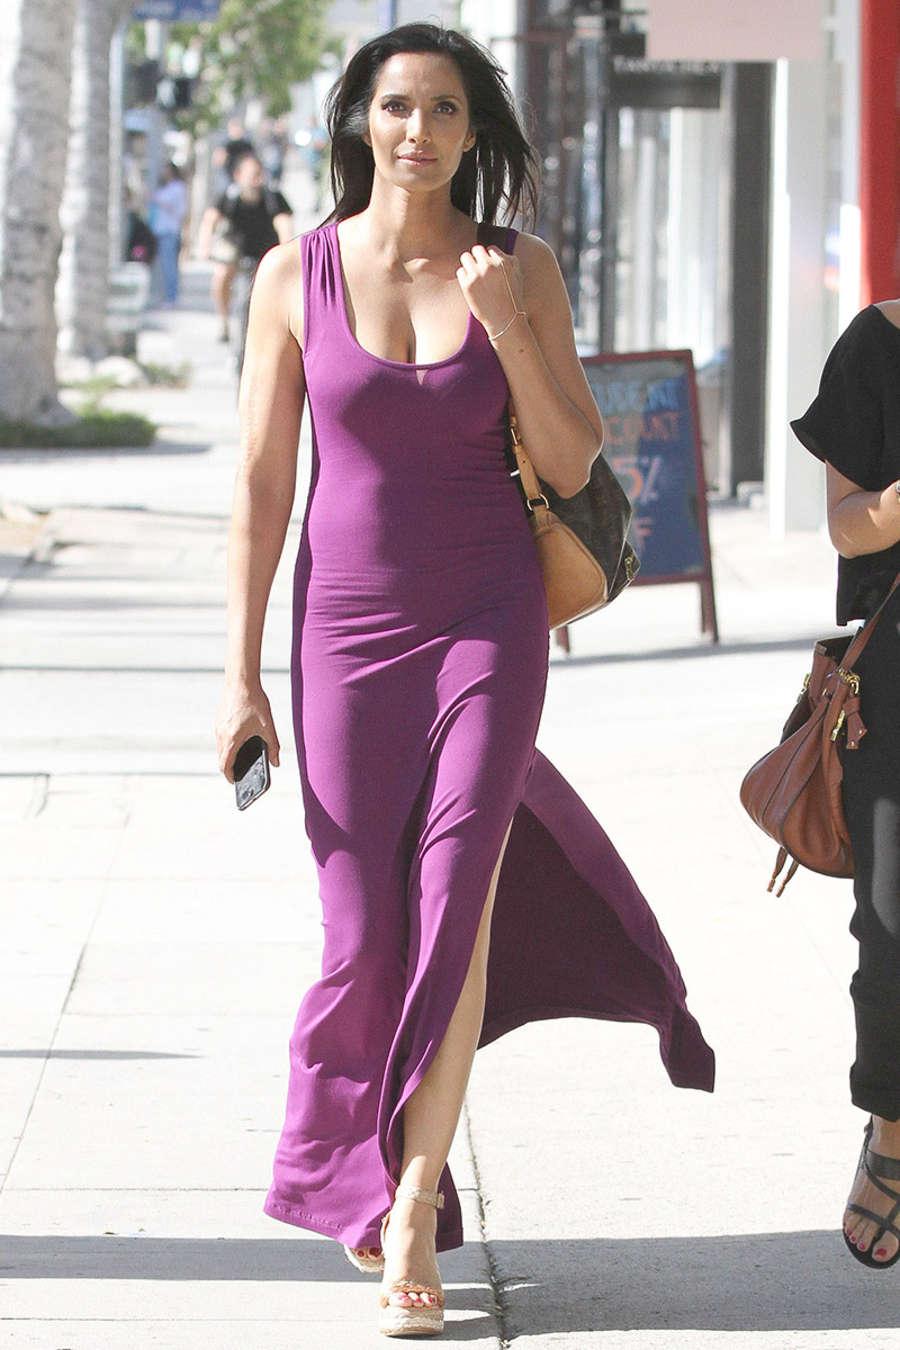 Padma Lakshmi In Purple Tight Dress 08 Gotceleb